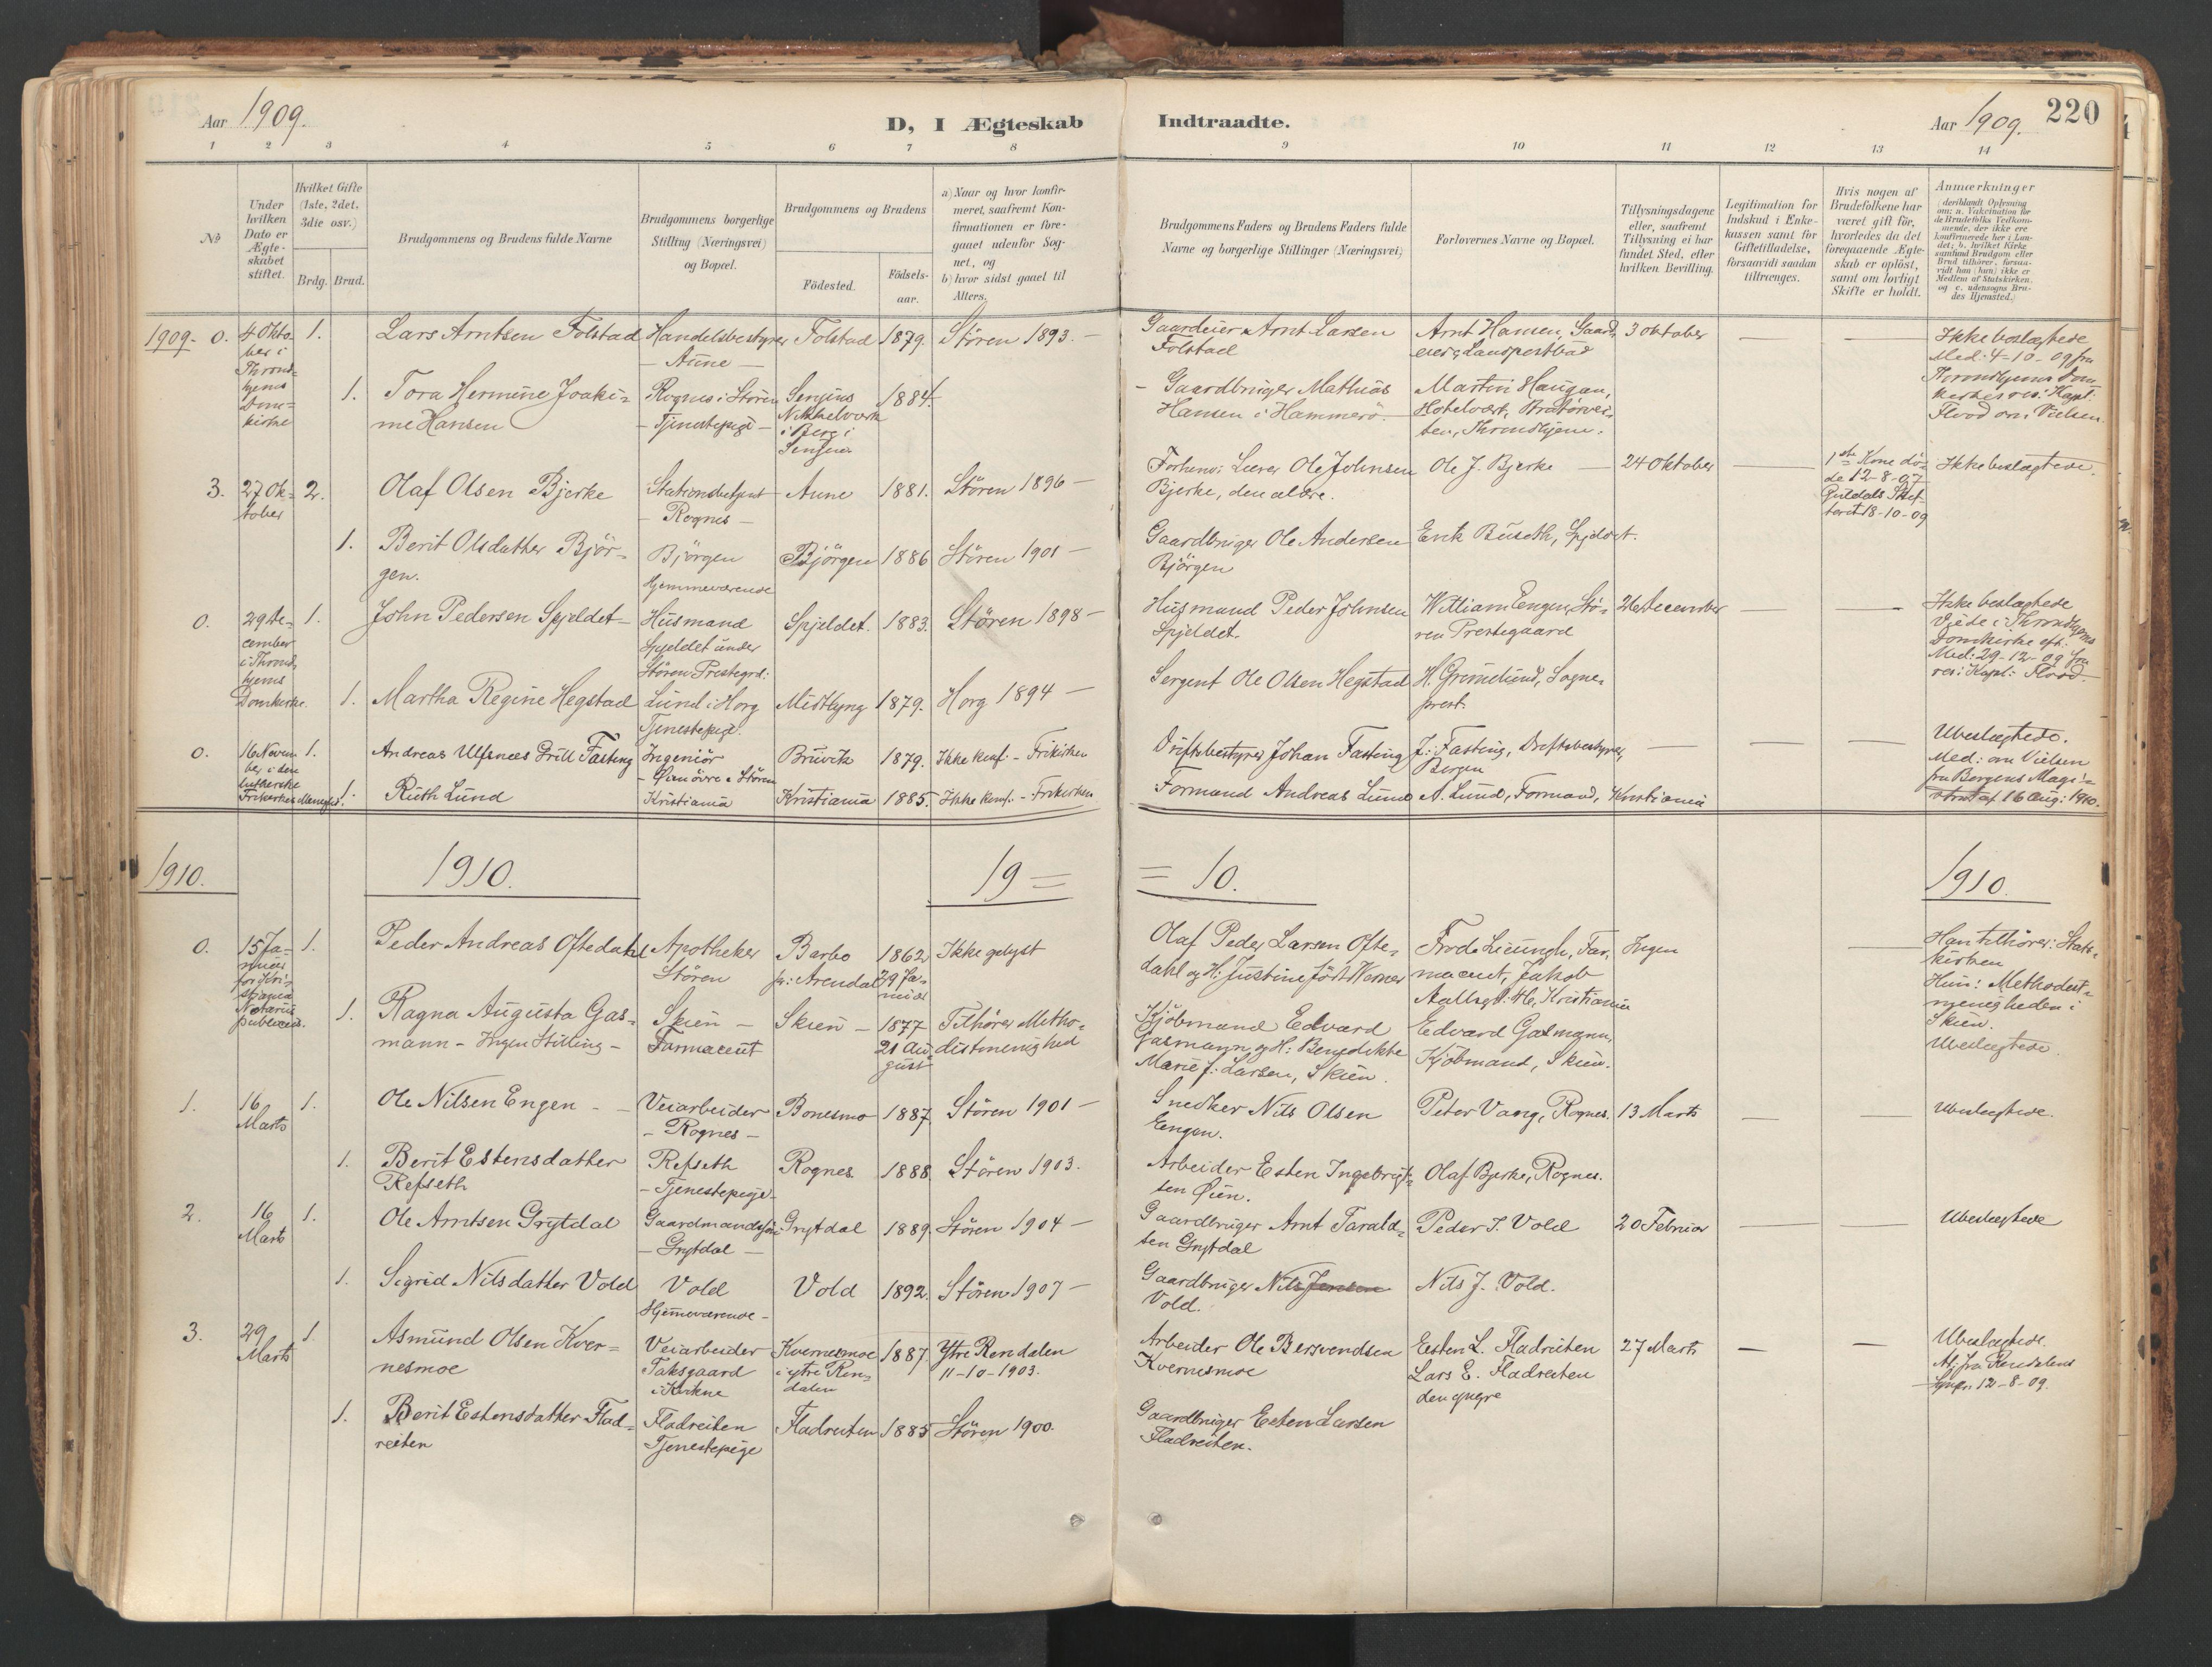 SAT, Ministerialprotokoller, klokkerbøker og fødselsregistre - Sør-Trøndelag, 687/L1004: Ministerialbok nr. 687A10, 1891-1923, s. 220